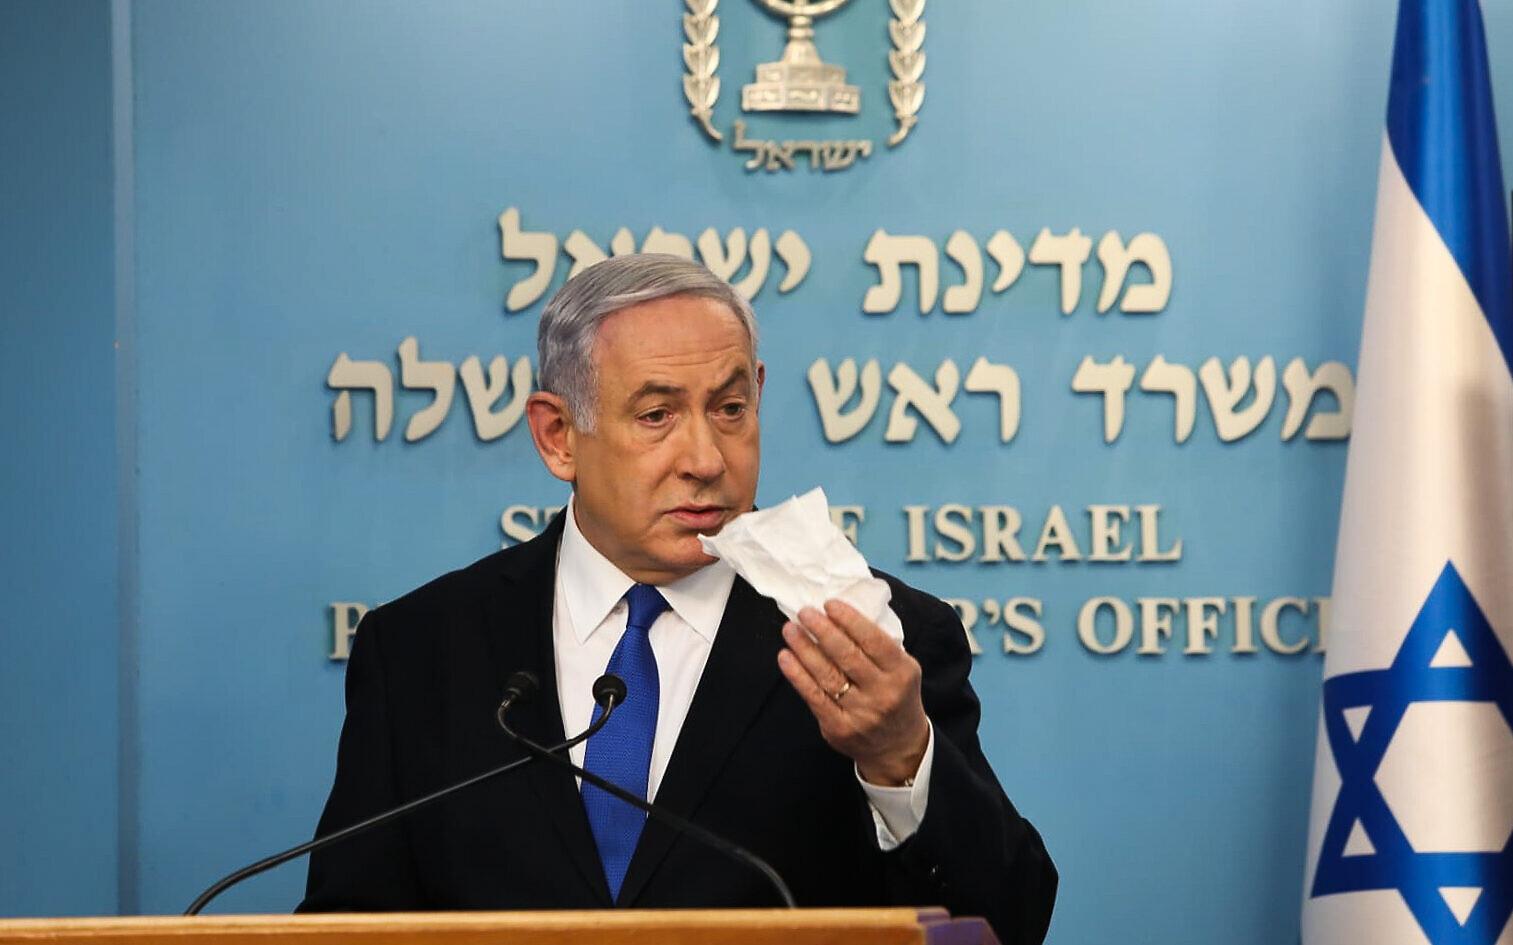 Netanjahu pályafutásának legnagyobb kihívásával néz szembe